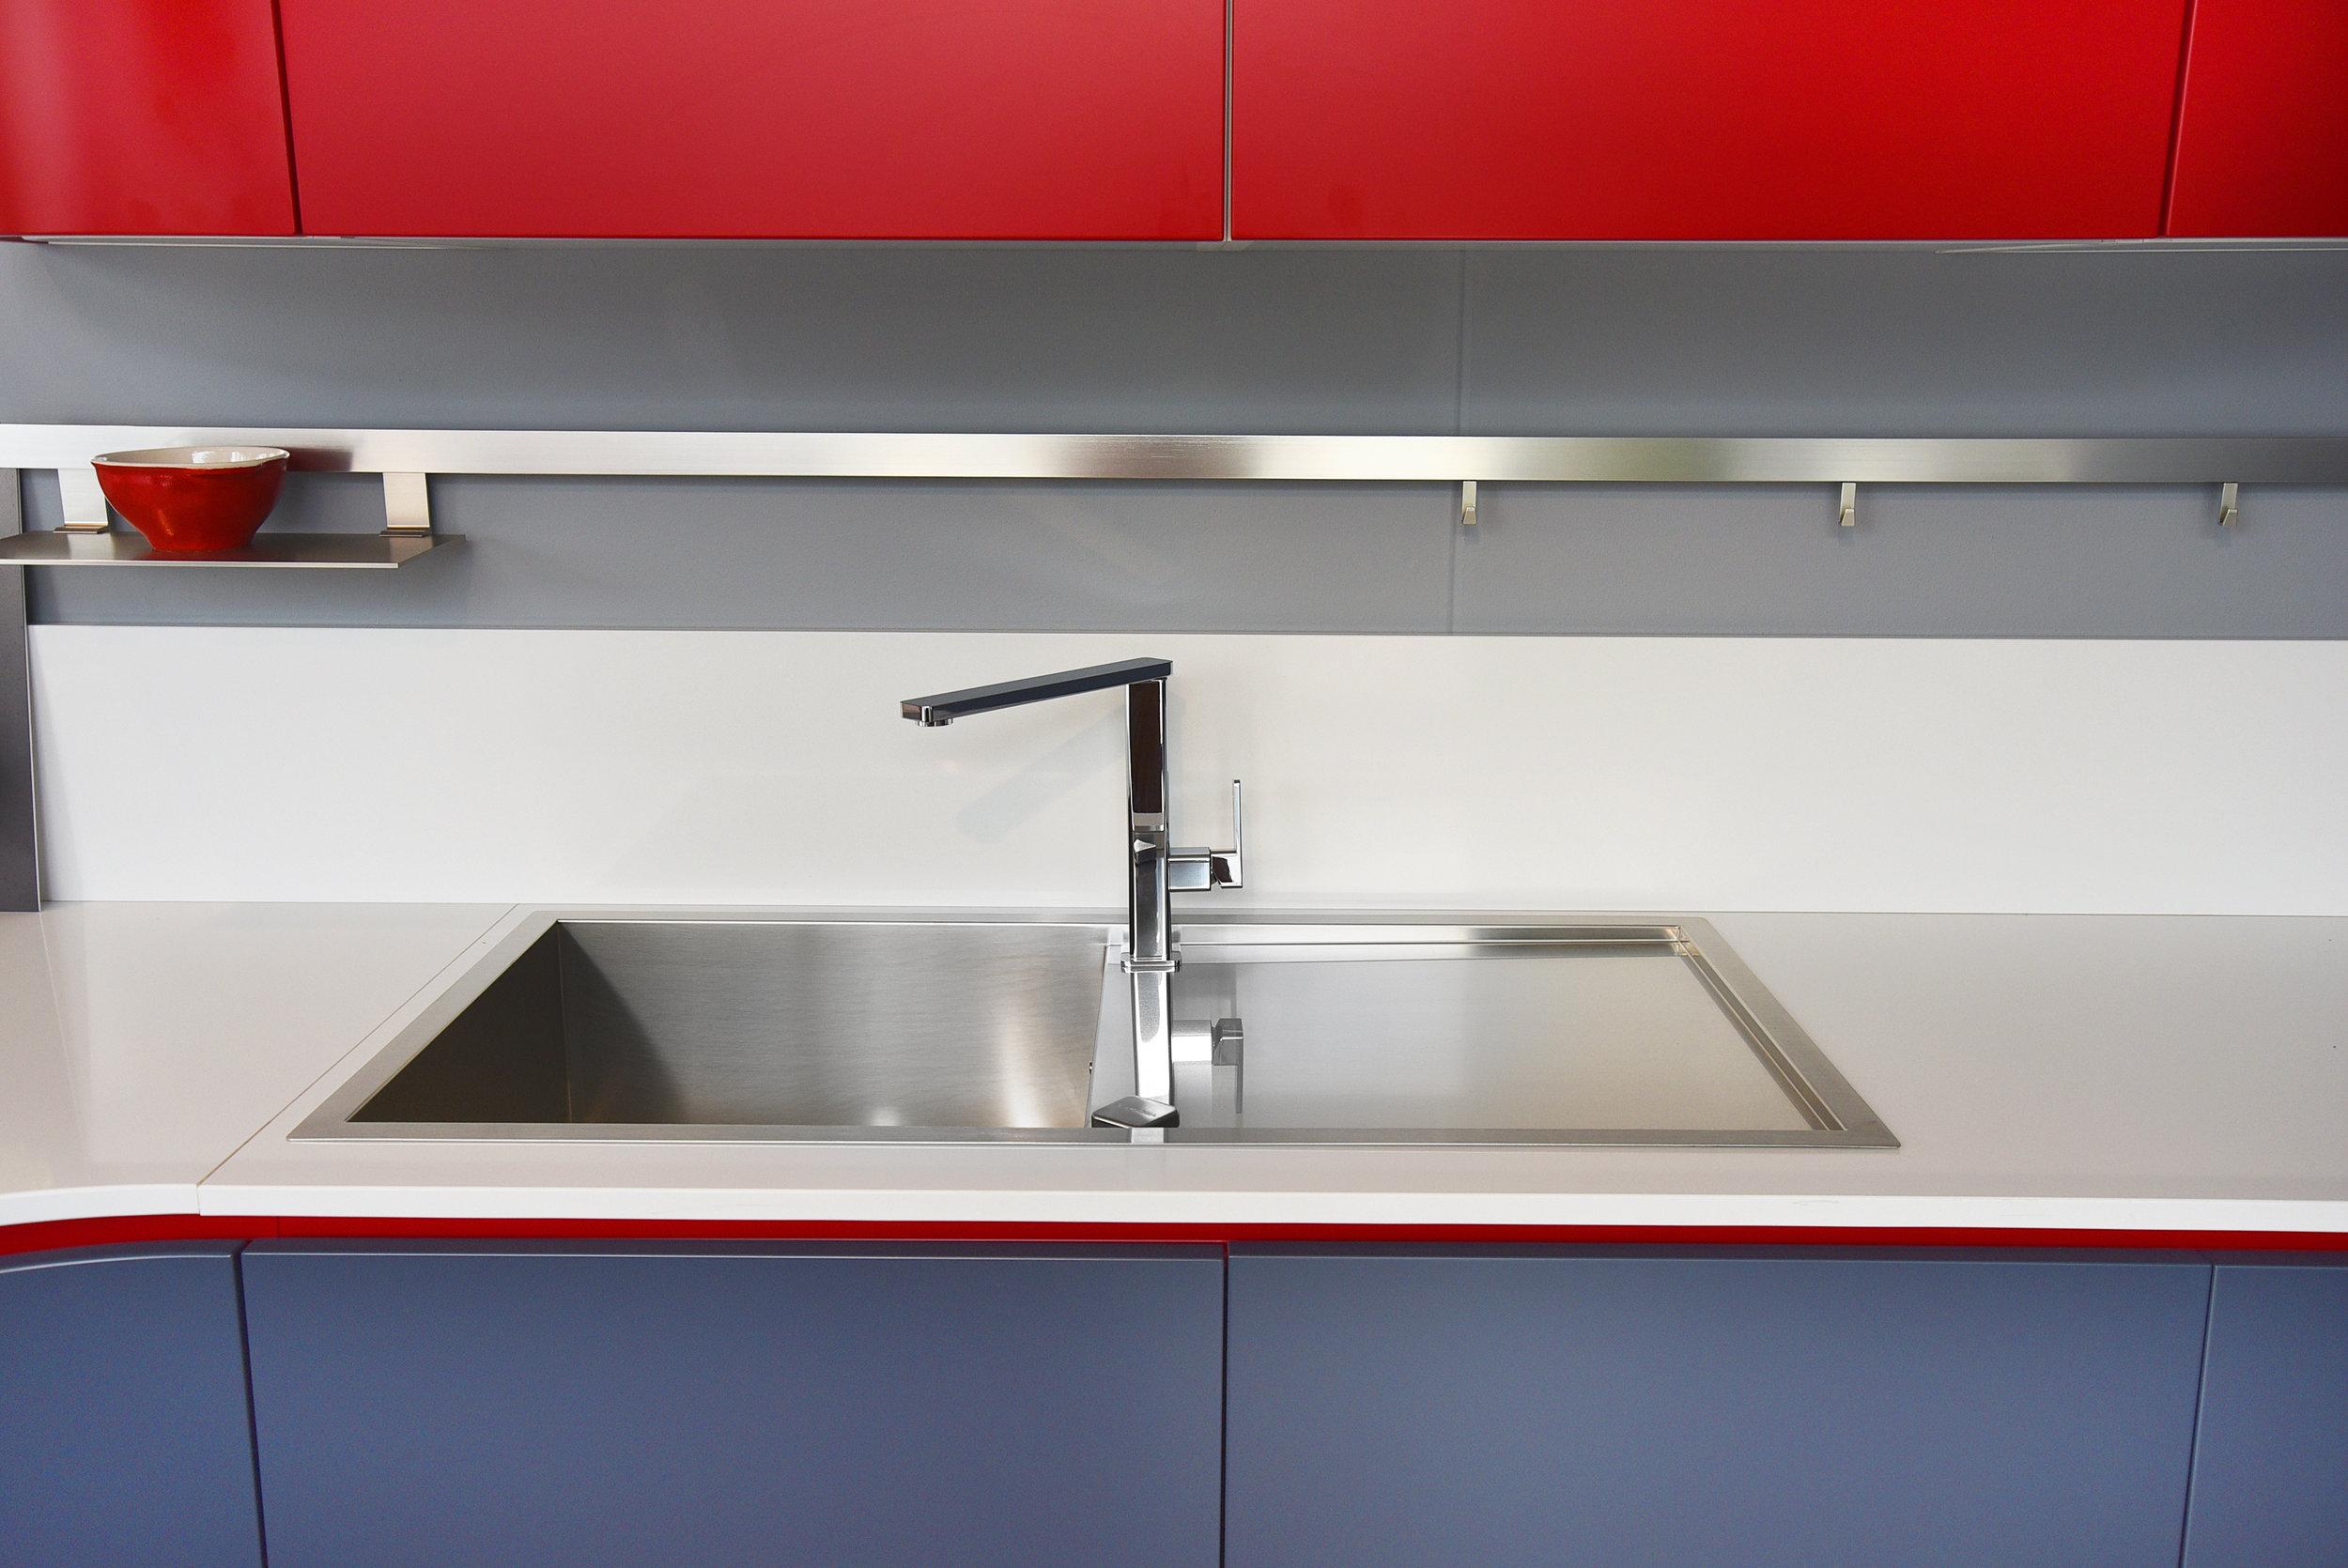 cucina 01 - 04.jpg